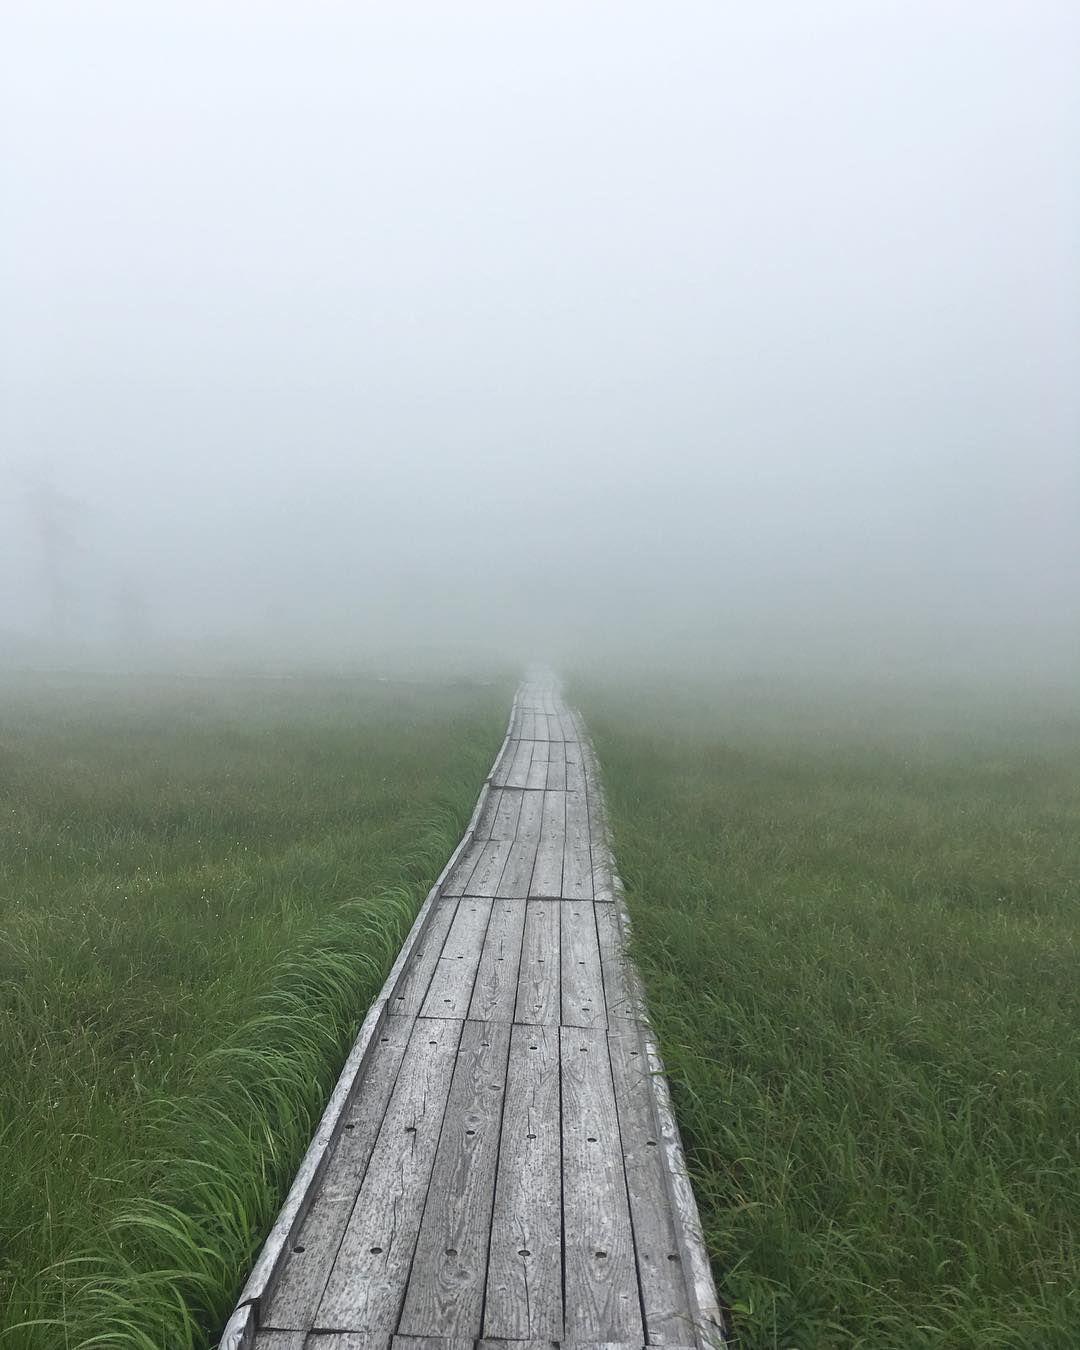 ニセコ 神仙 沼 神仙沼|初心者にもおすすめ。岩内の絶景トレッキングルート